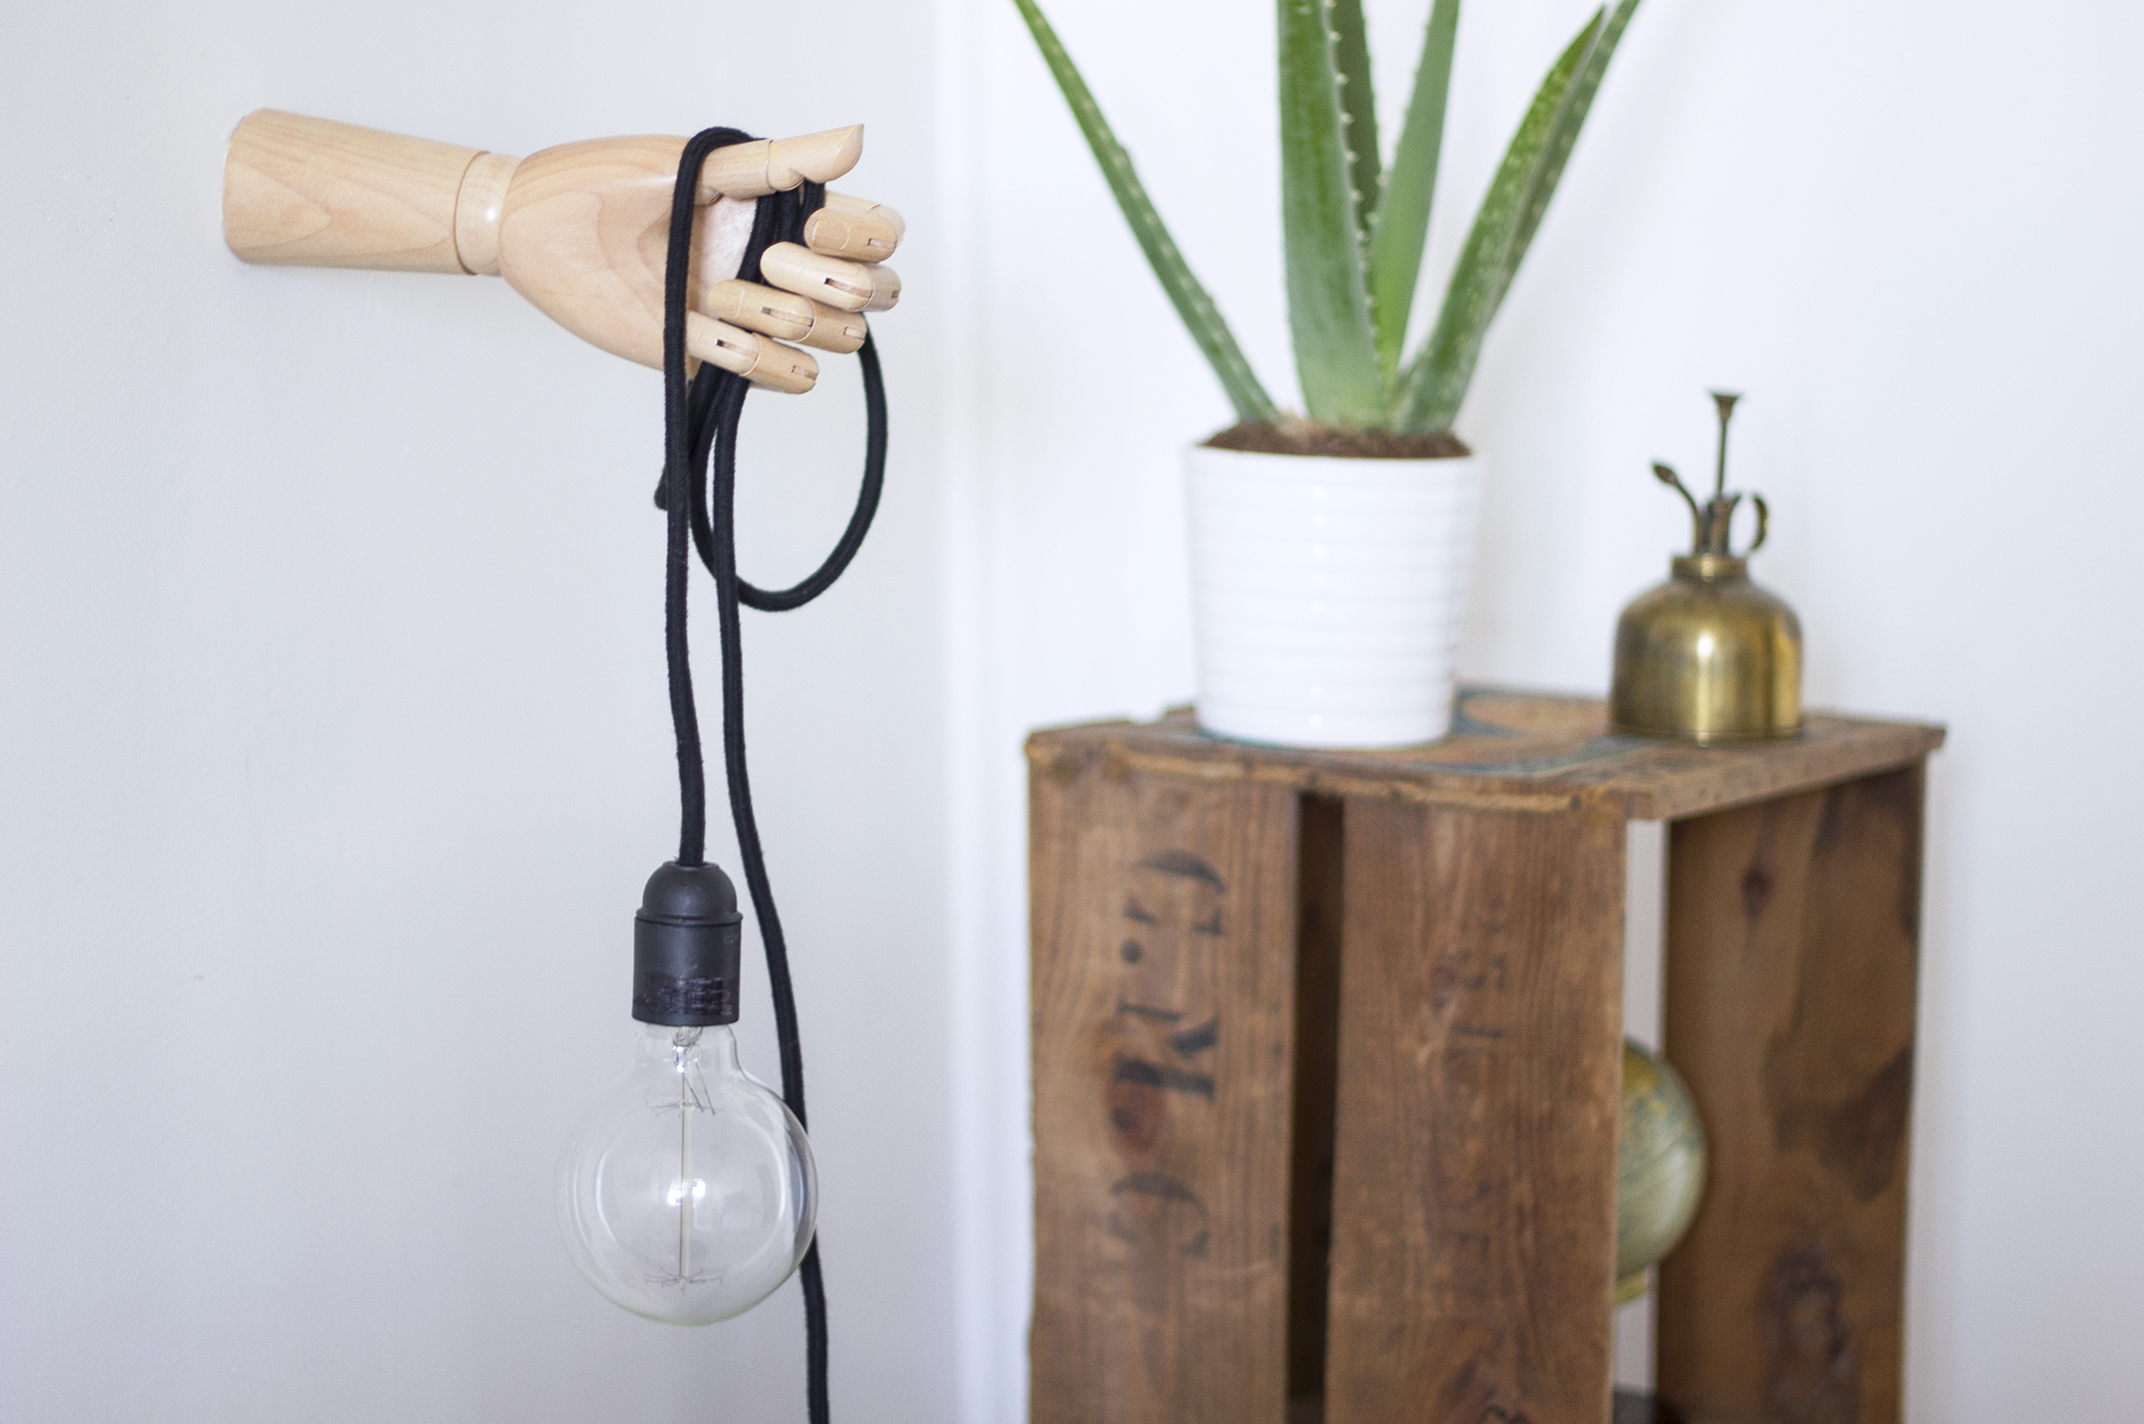 diy recyclez une main en bois comme lampe la d licate parenth se diy d co et inspiration. Black Bedroom Furniture Sets. Home Design Ideas